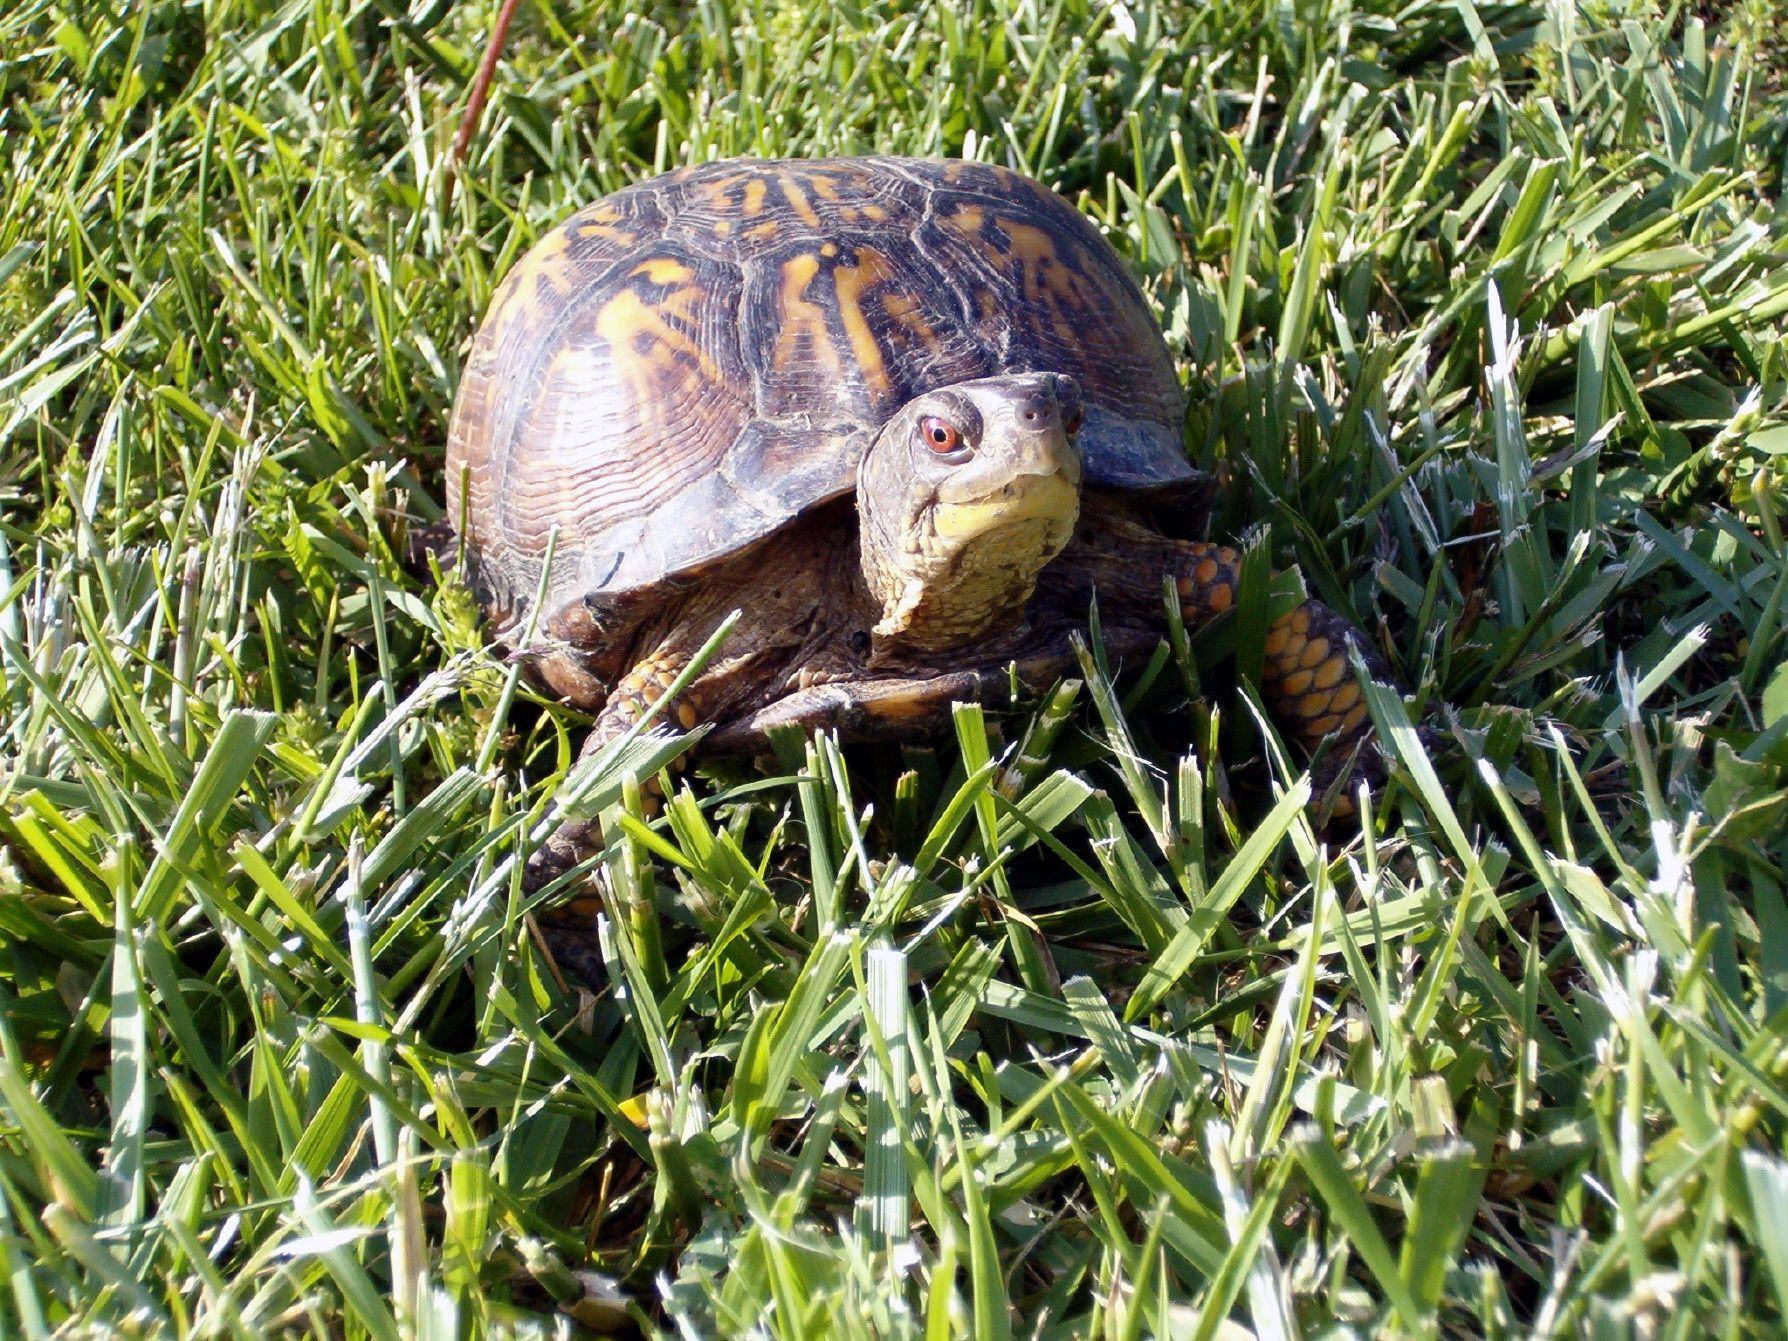 Turtle pics